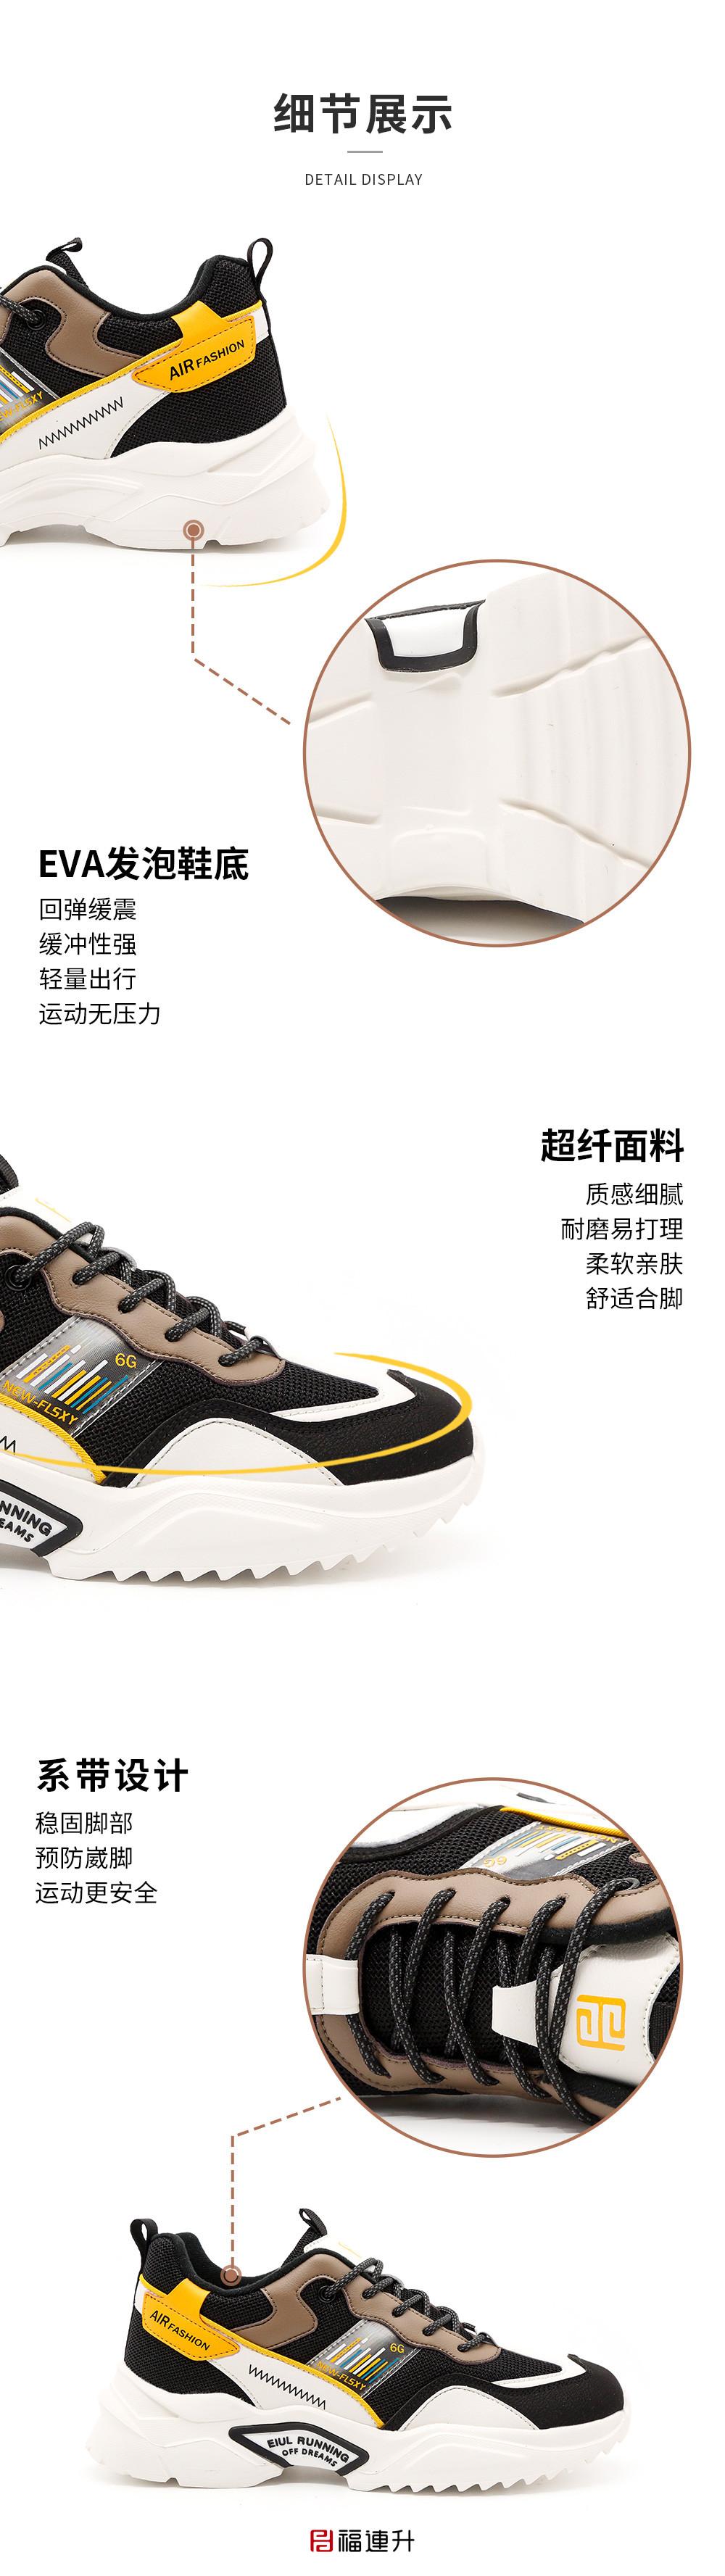 福连升休闲鞋男士运动鞋百搭2020新款冬季鞋子男潮鞋图片